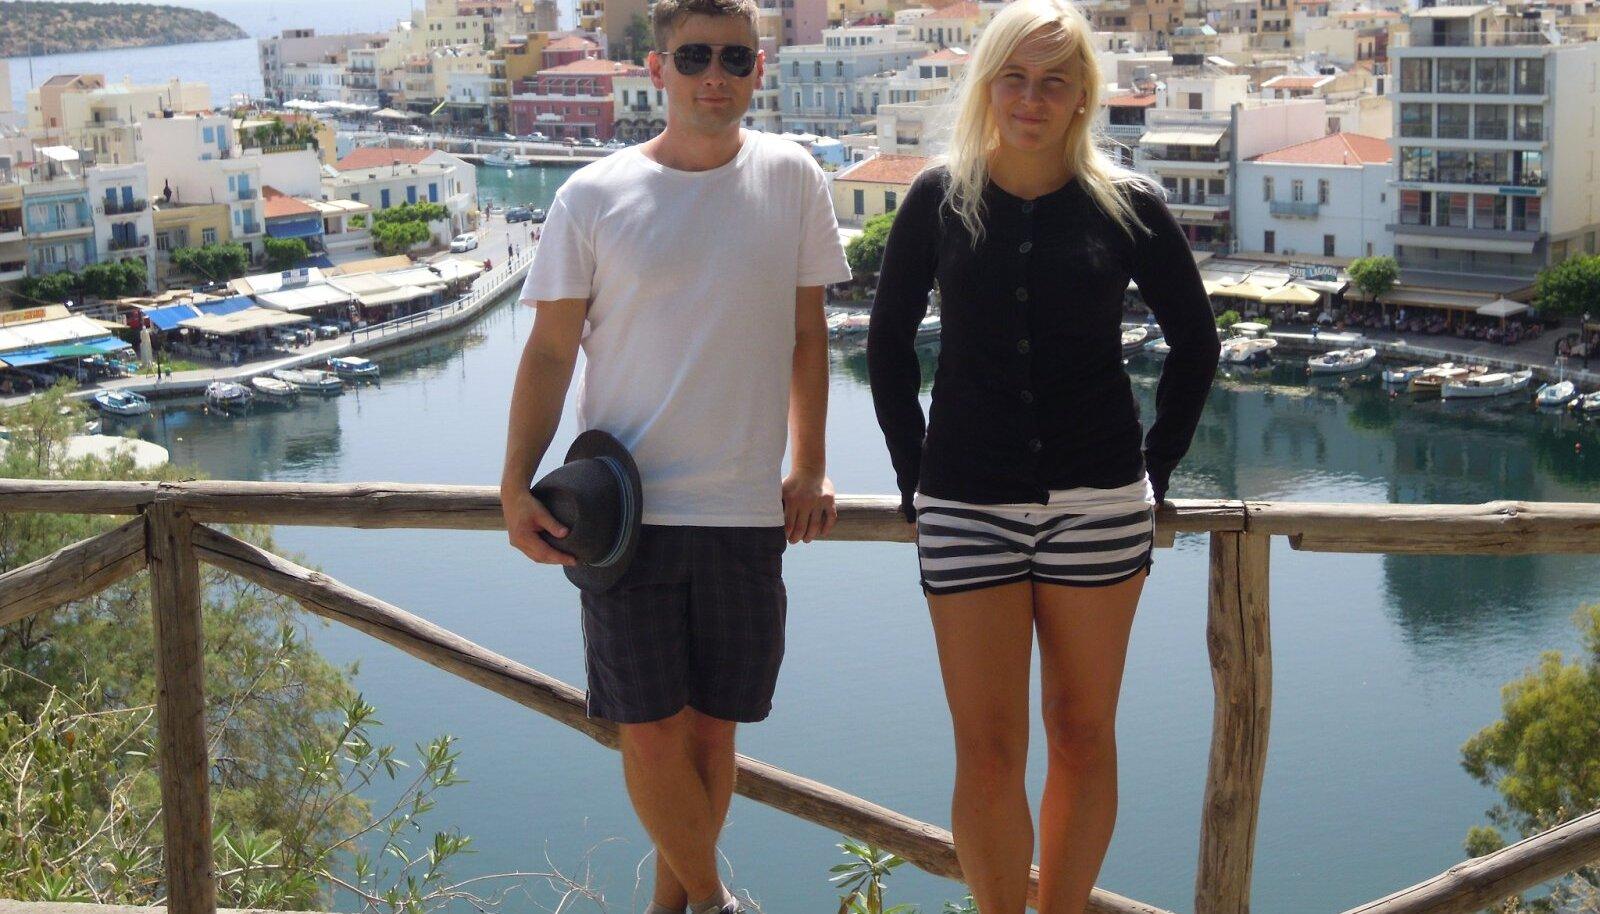 Ärasõidueelne reis Kreetal, et külastada linnu, mis õpingute ajal külastamata jäid. Pildil hea sõbraga Agios Nikolaoses, mis on Signe üks lemmiklinn Kreetal